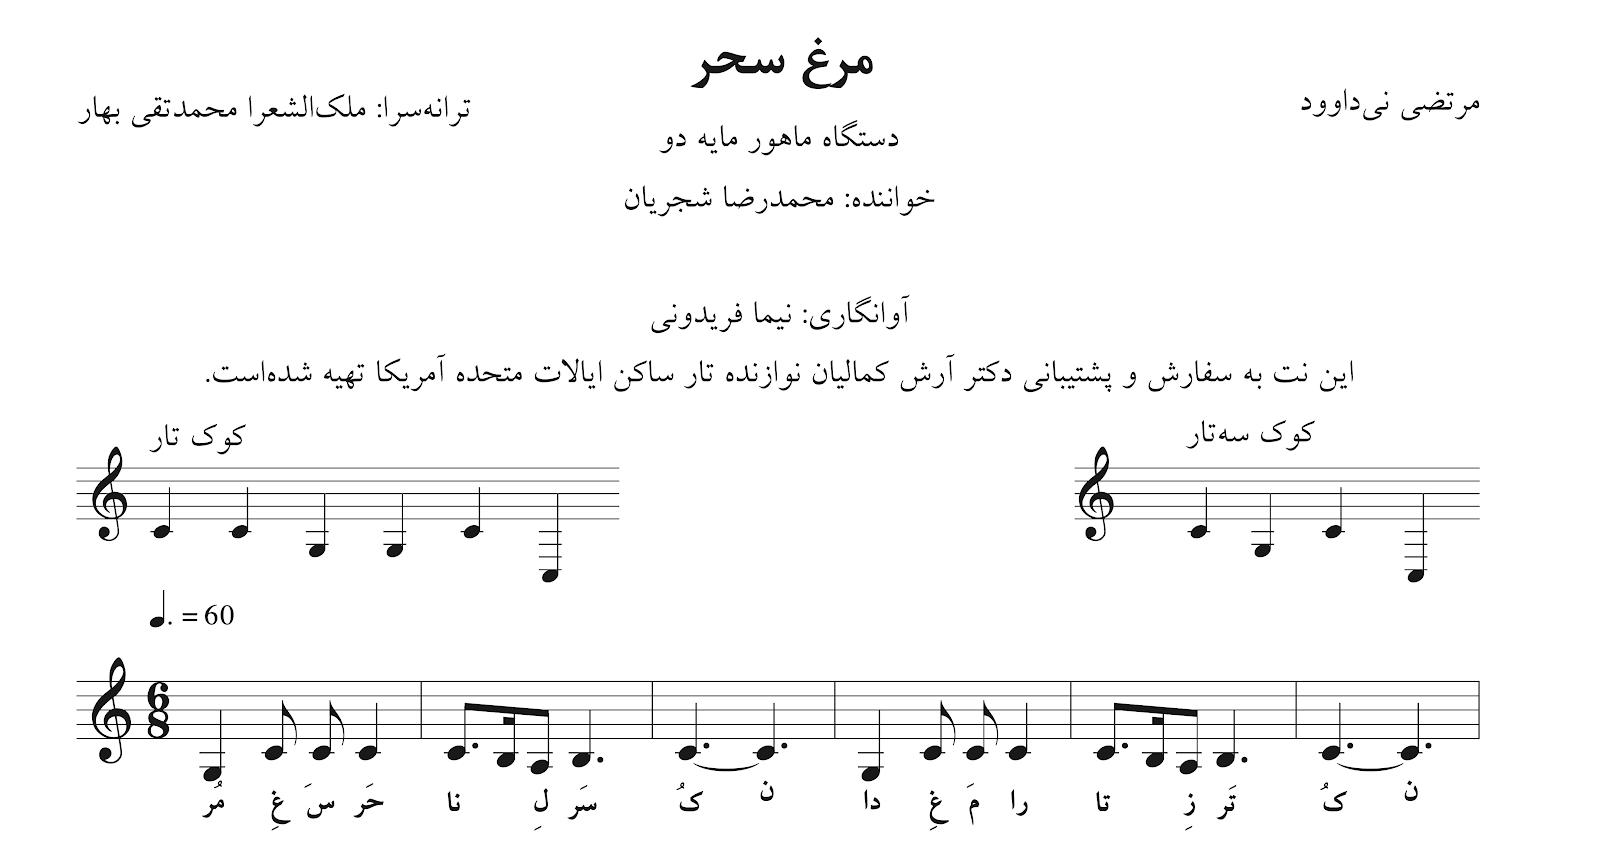 نت و آهنگ مرغ سحر مرتضی نیداوود قمرالملوک وزیری